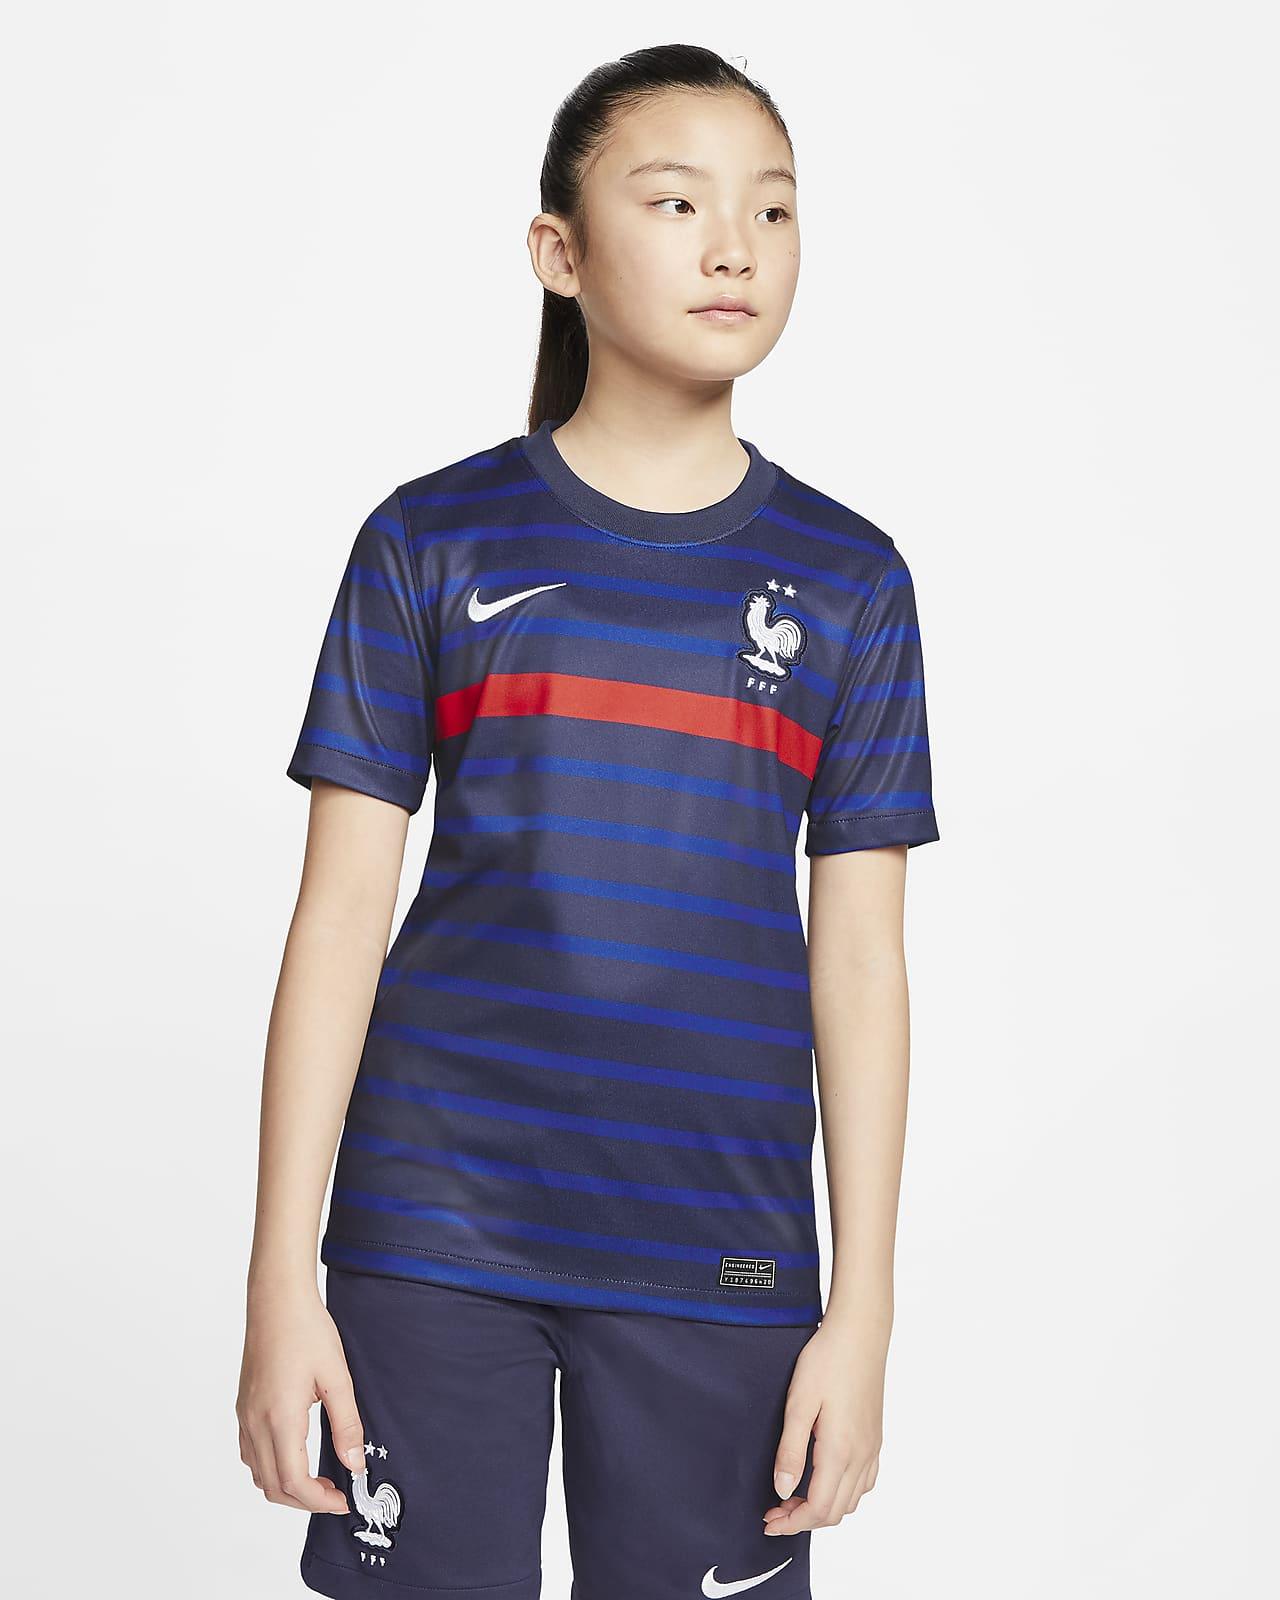 Primera equipación Stadium FFF 2020 Camiseta de fútbol - Niño/a